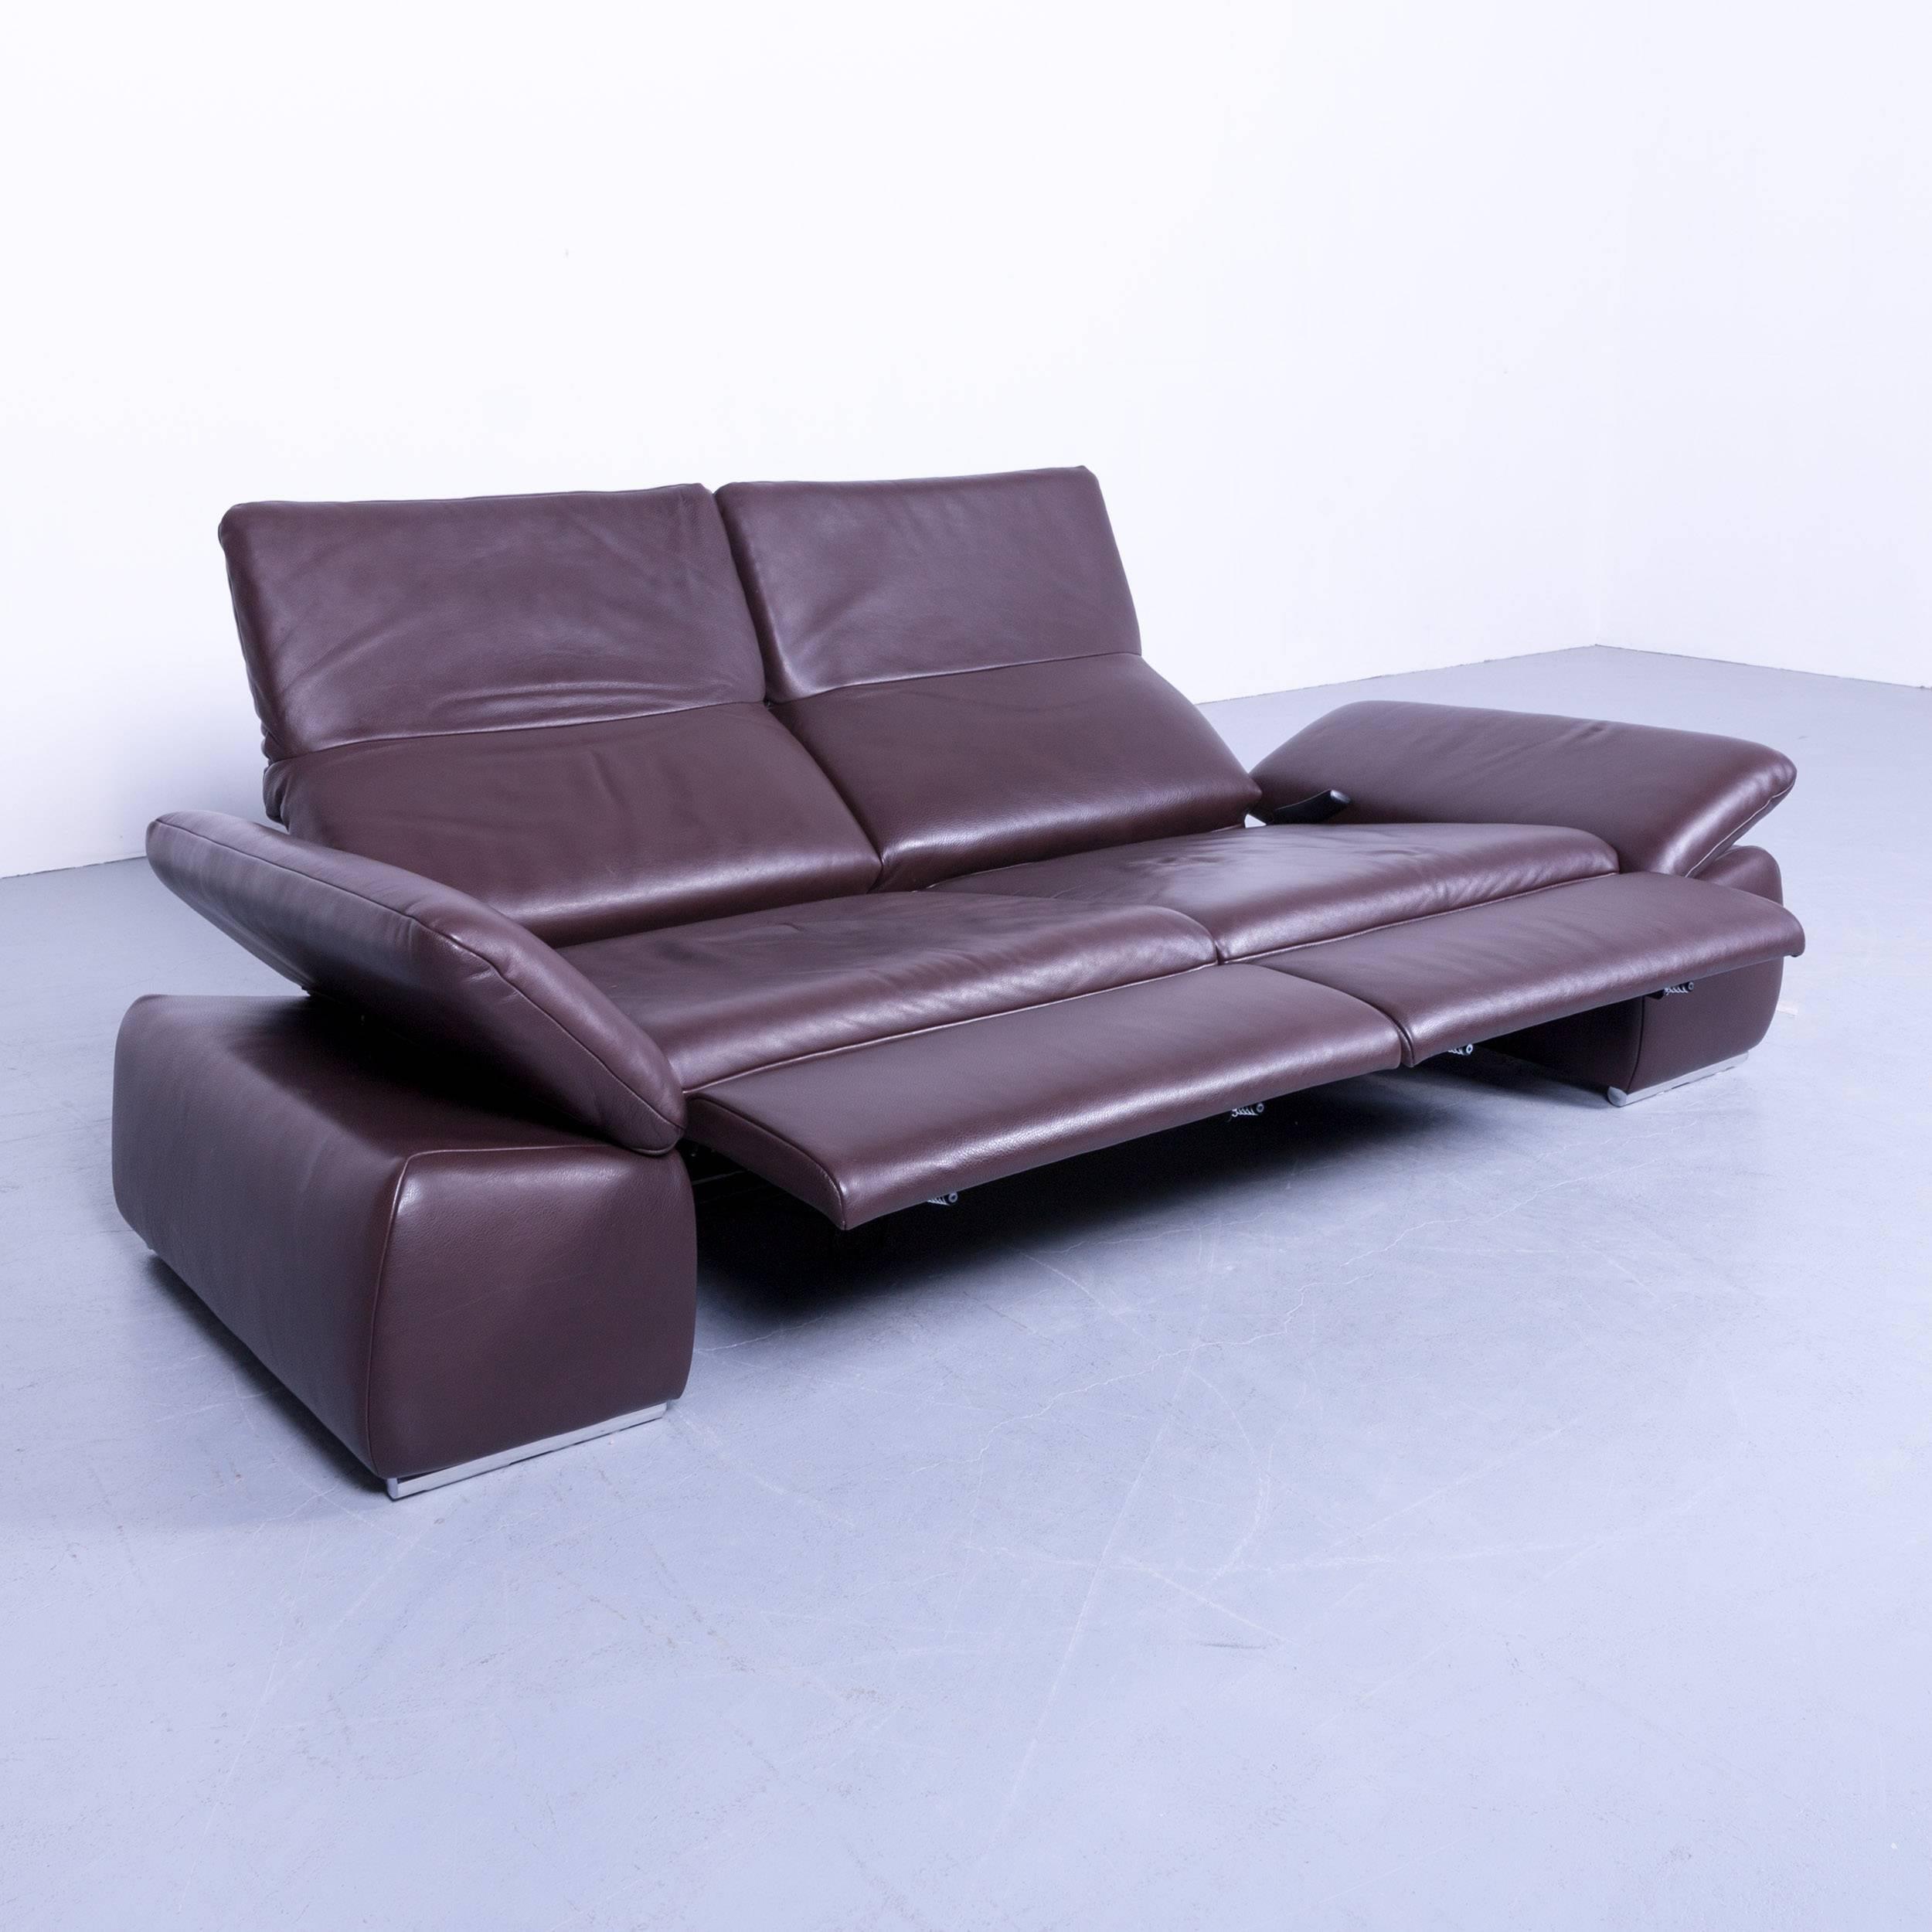 couch leder elegant leder sofaset summer tlg braun with. Black Bedroom Furniture Sets. Home Design Ideas